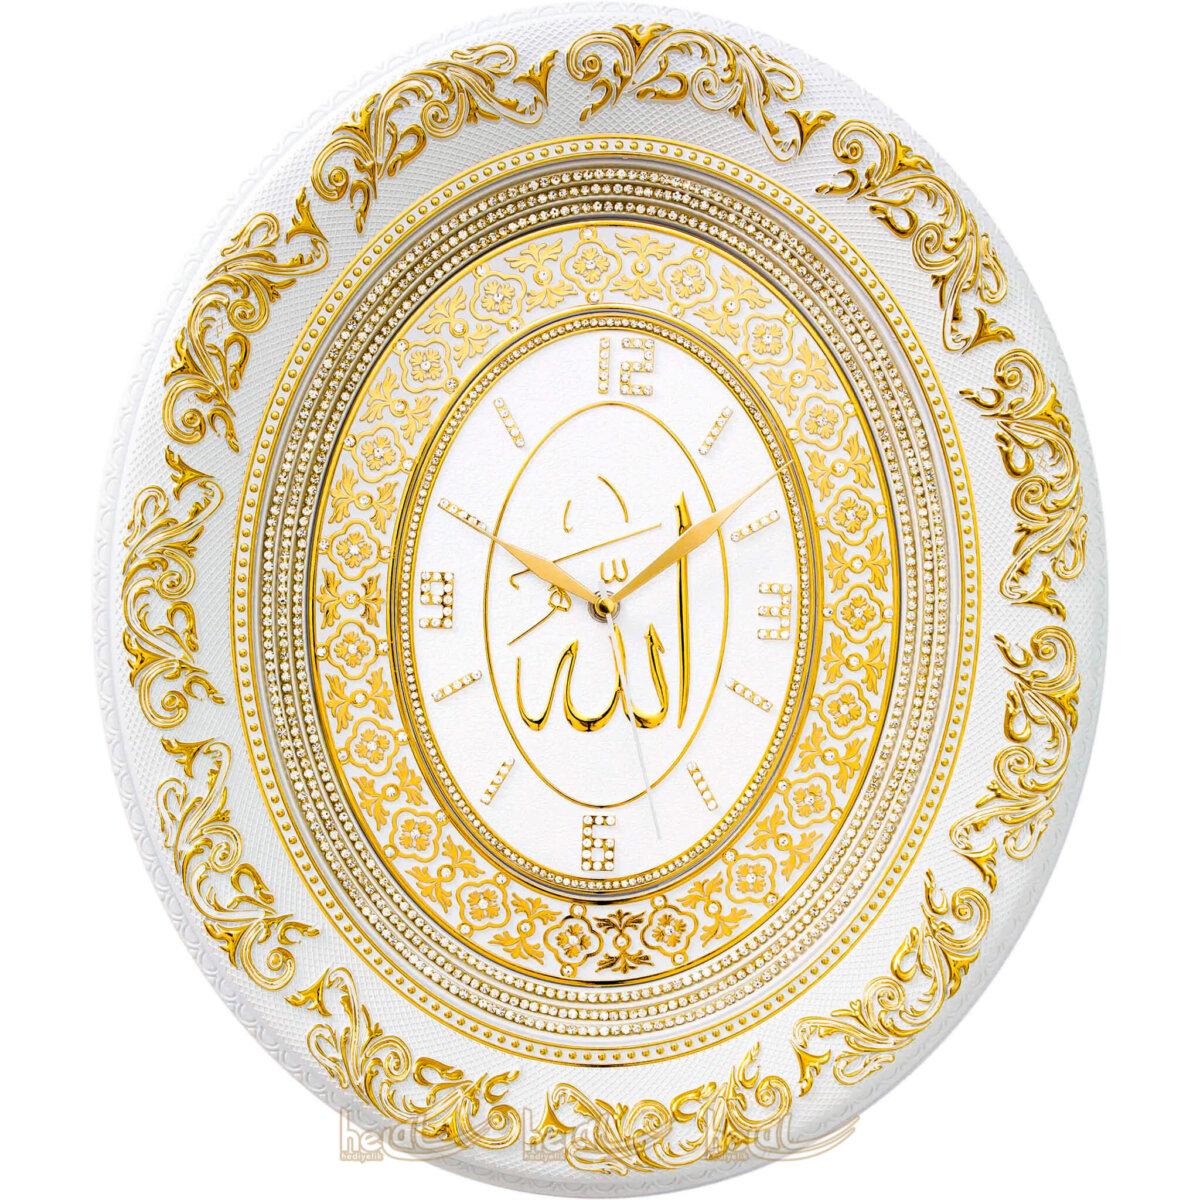 44x51cm Lüks Taşlı Allah cc. İsmi Celil Lafzlı Duvar Saati Tablo Saatler